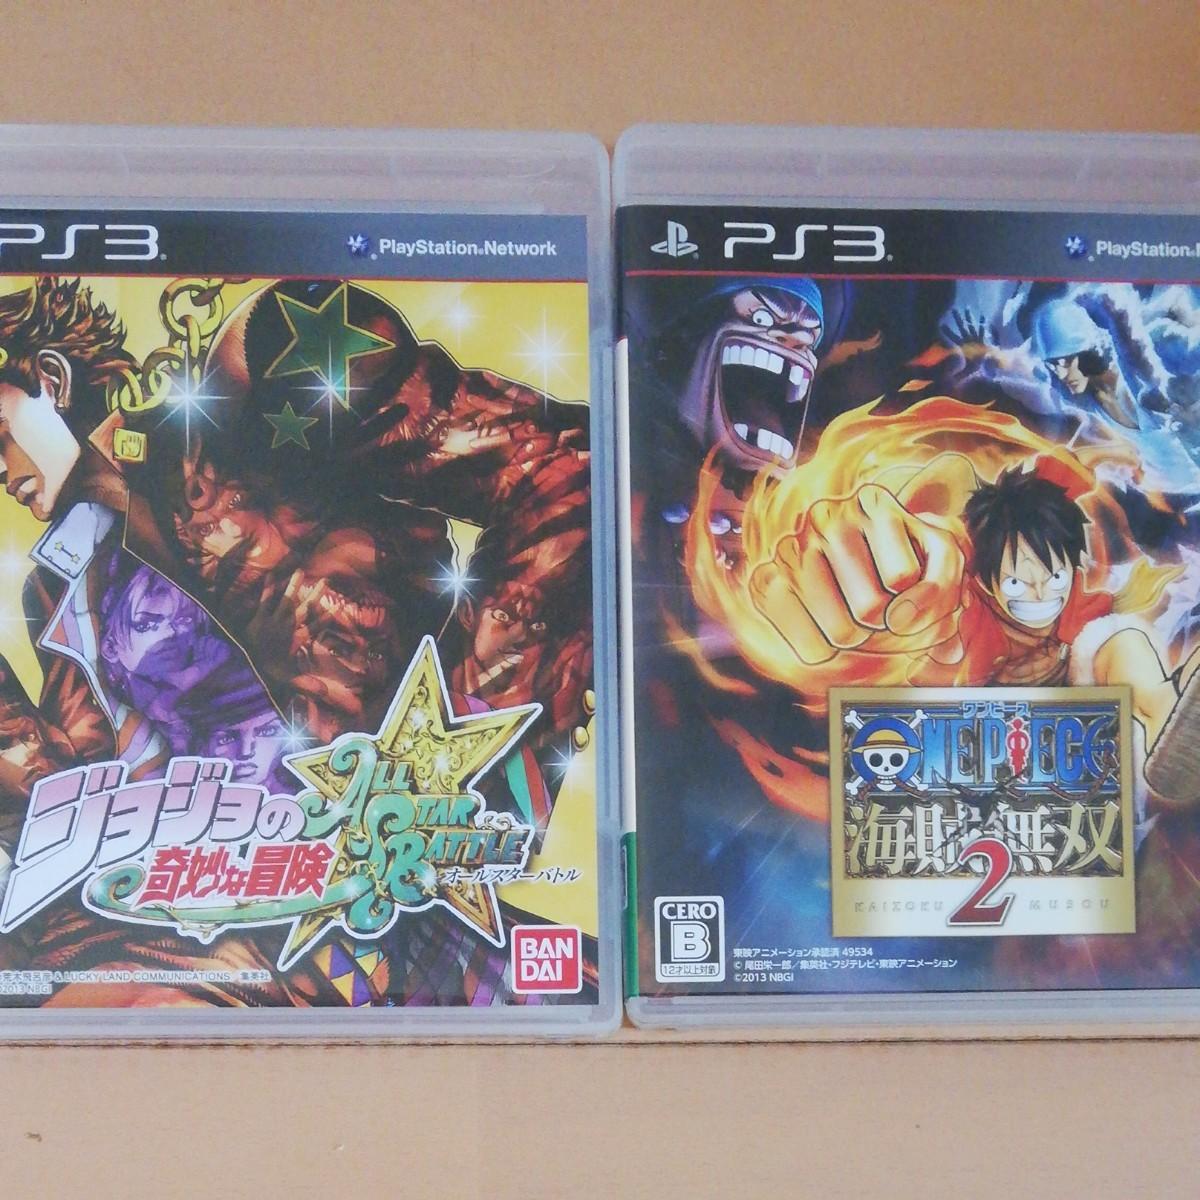 PS3プレイステーション3プレステ3ジョジョの奇妙な冒険オールスターバトルワンピース海賊無双2